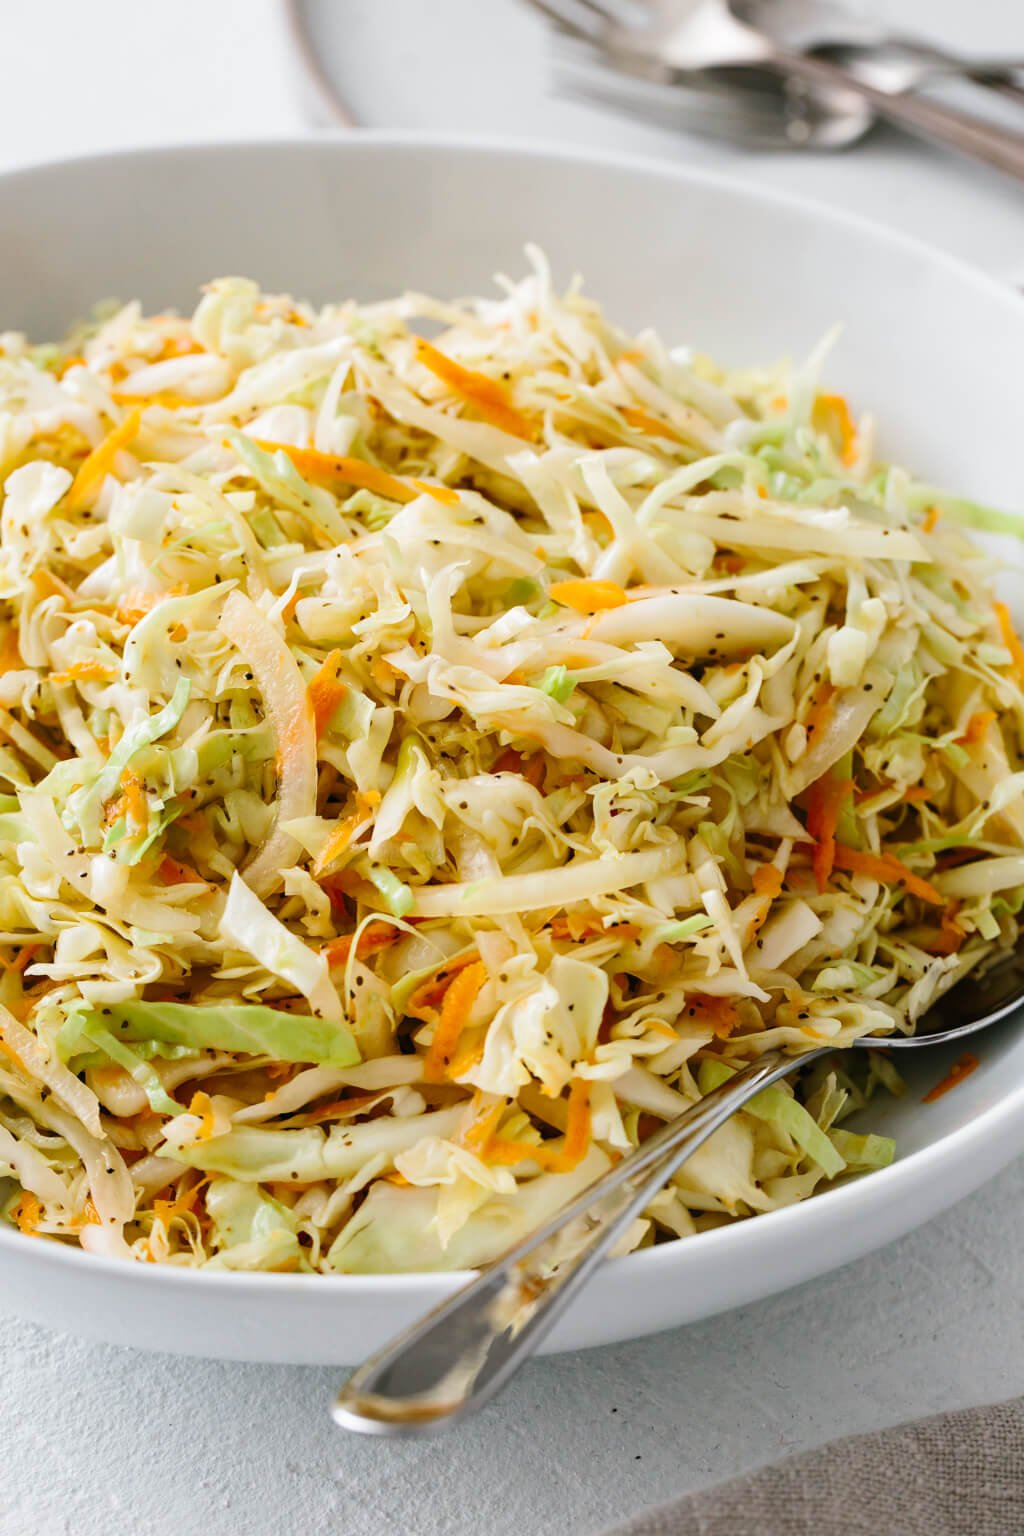 Vinegar coleslaw in a white bowl.